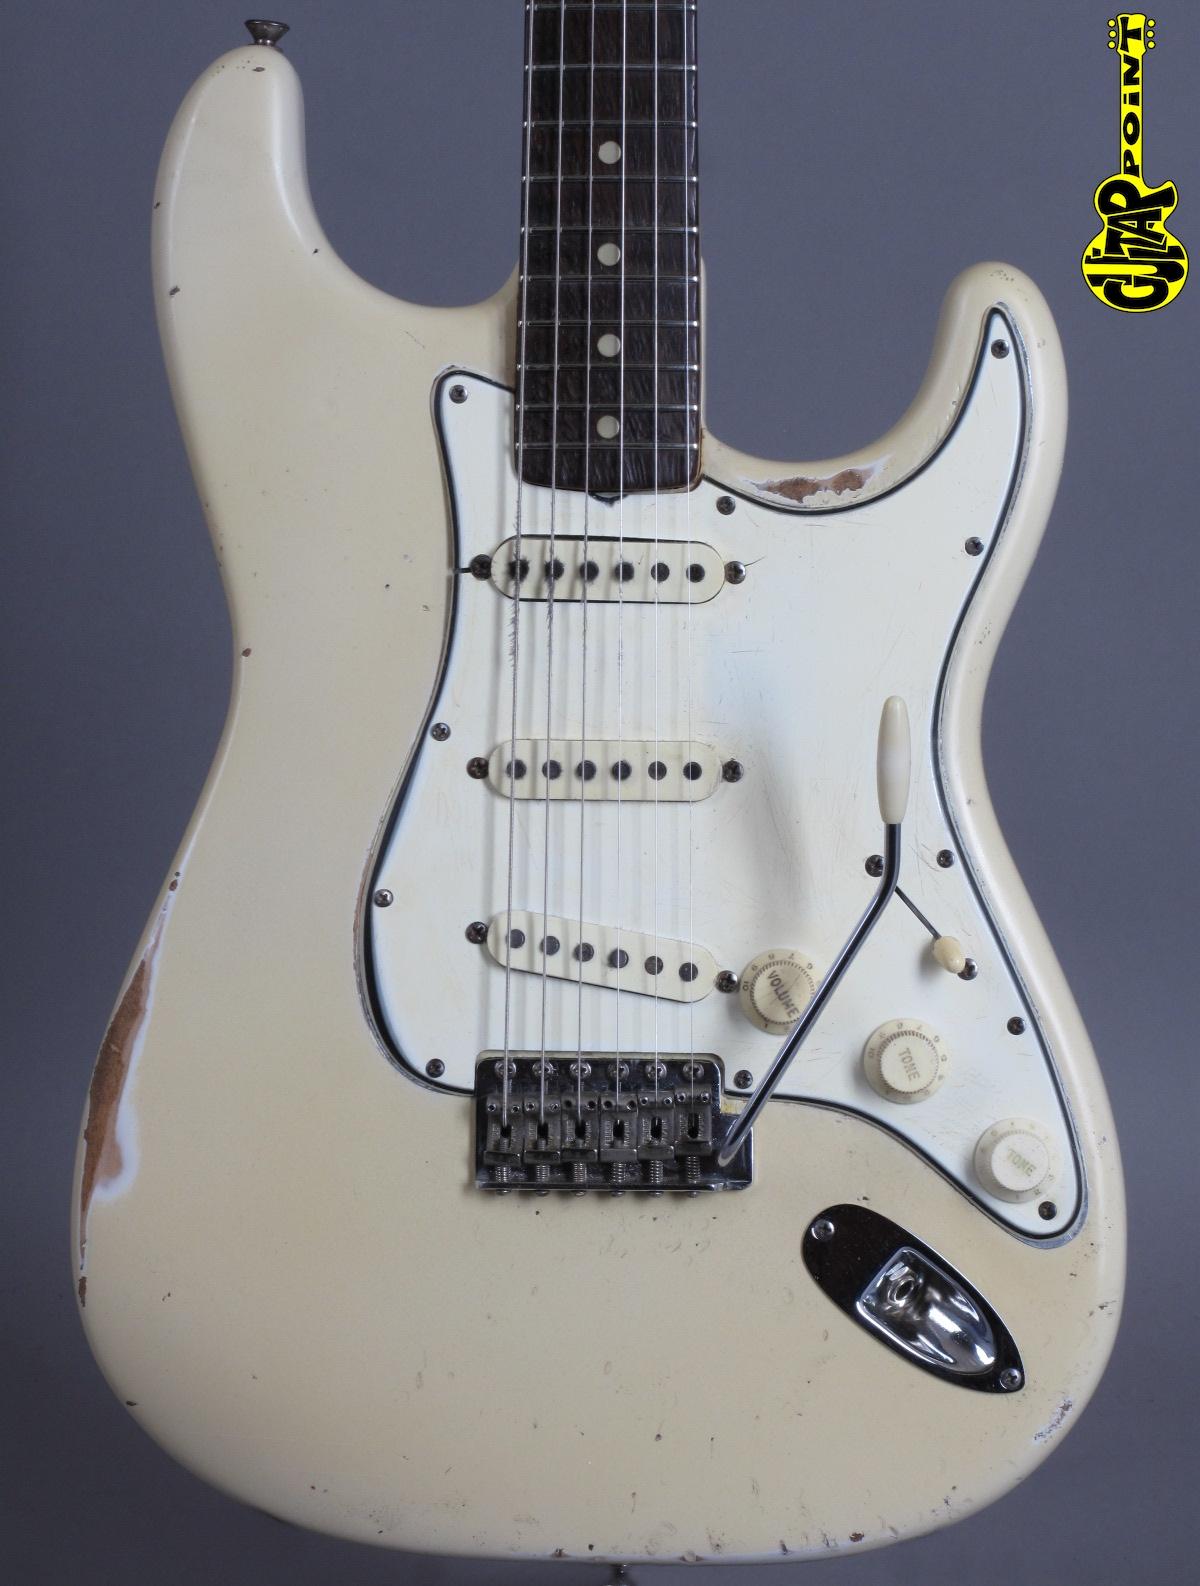 1965 Fender Stratocaster - Olympic White (Refin)